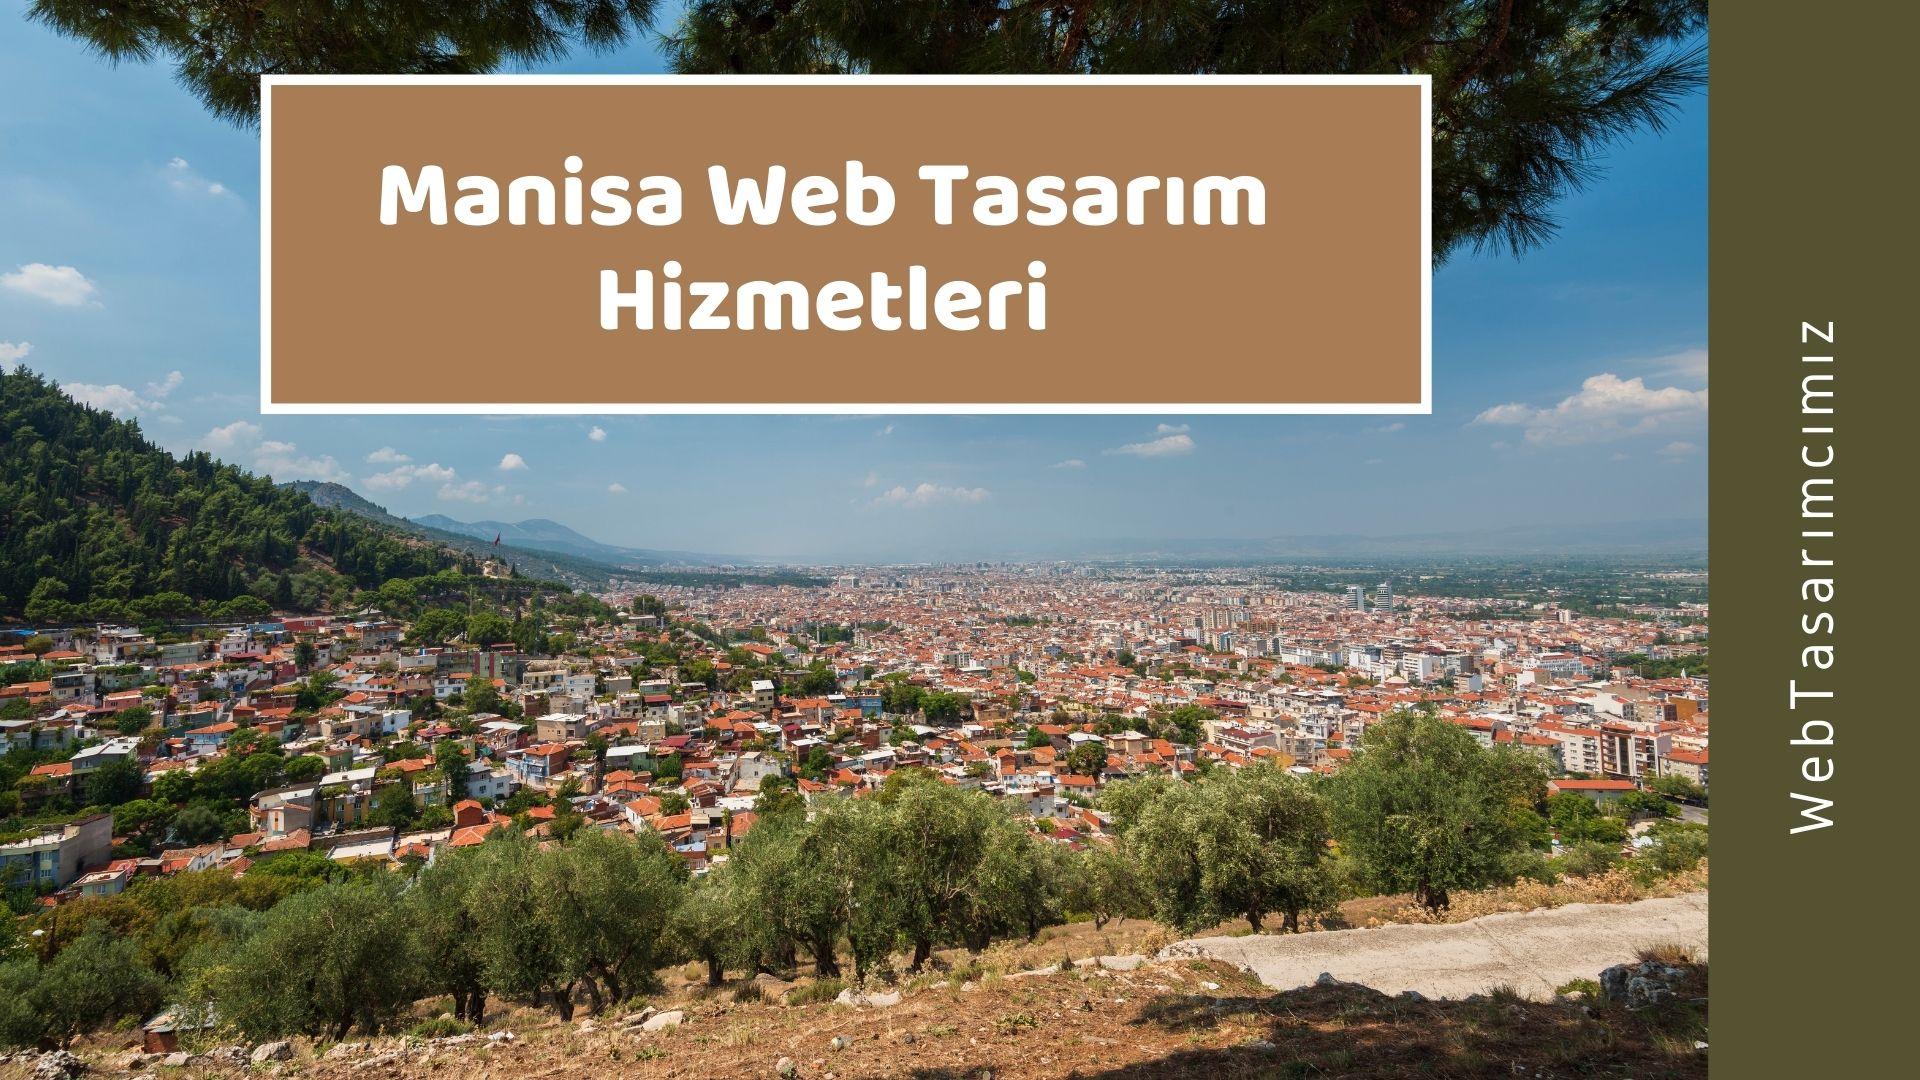 Manisa Web Tasarım Hizmetleri